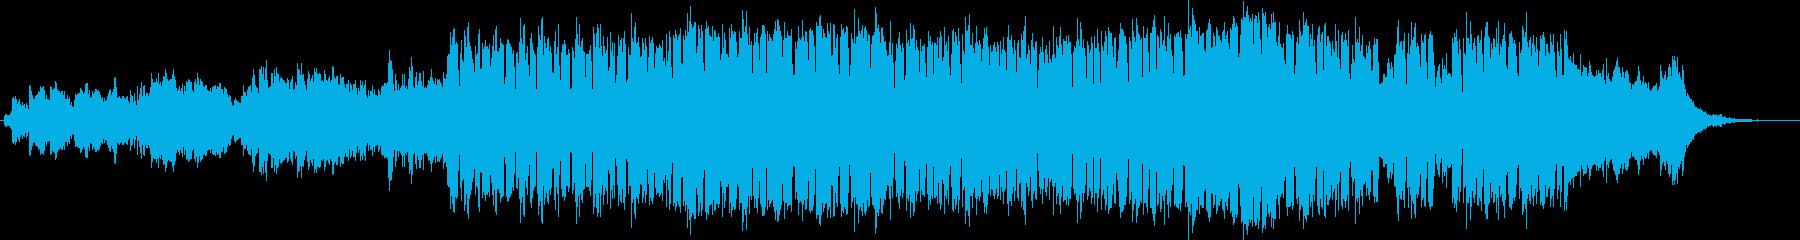 動画 技術的な 感情的 adver...の再生済みの波形